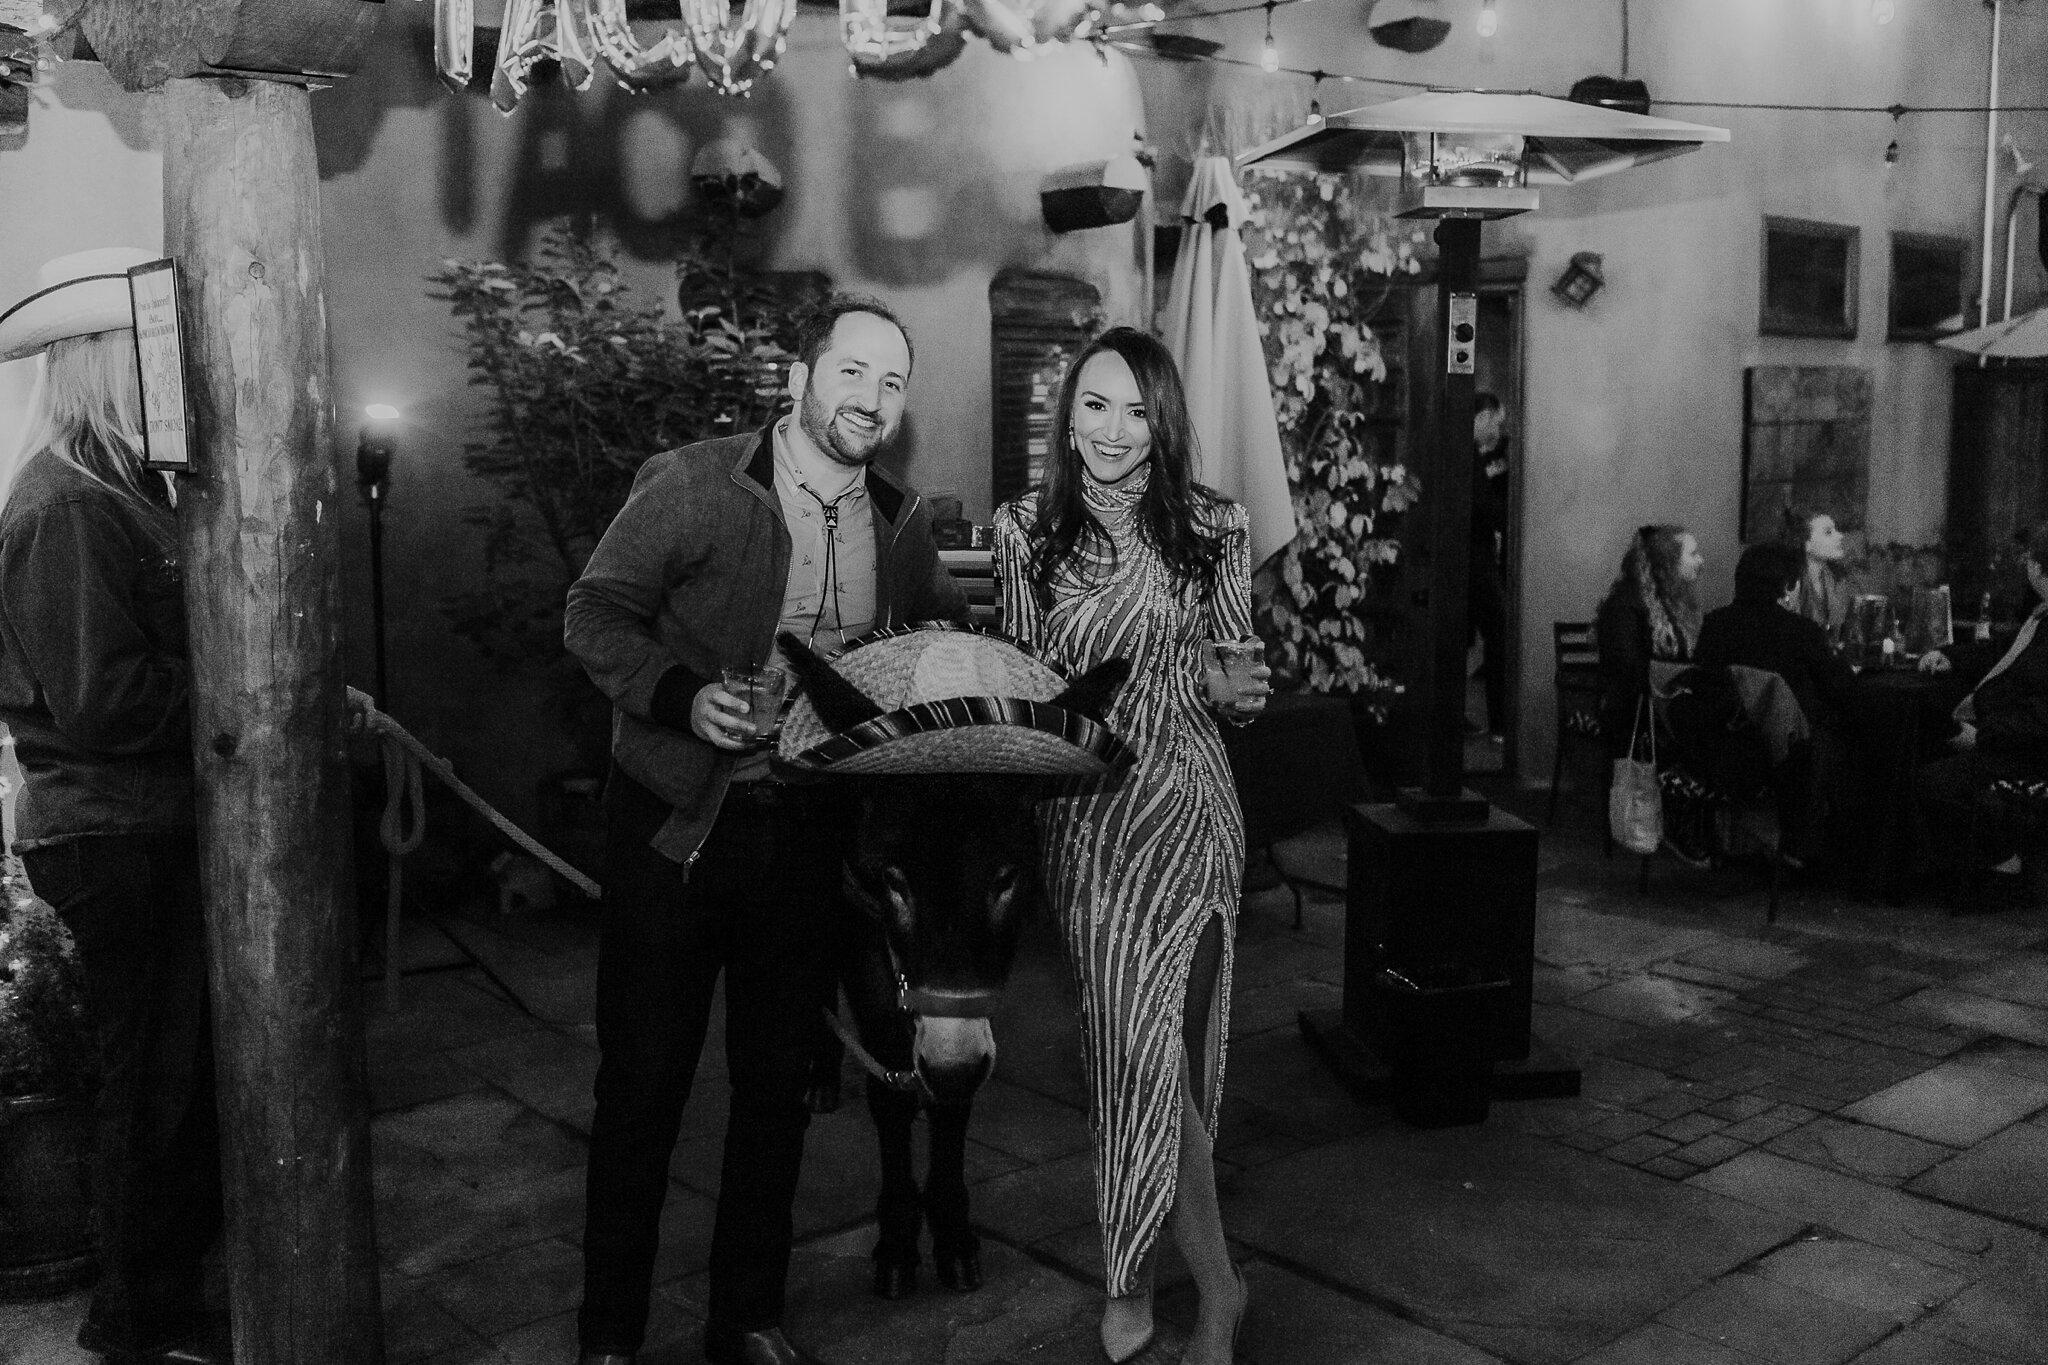 Alicia+lucia+photography+-+albuquerque+wedding+photographer+-+santa+fe+wedding+photography+-+new+mexico+wedding+photographer+-+new+mexico+wedding+-+rehearsal+dinner+-+wedding+rehearsal+dinner+-+santa+fe+rehearsal+dinner+-+chicago+bride_0015.jpg